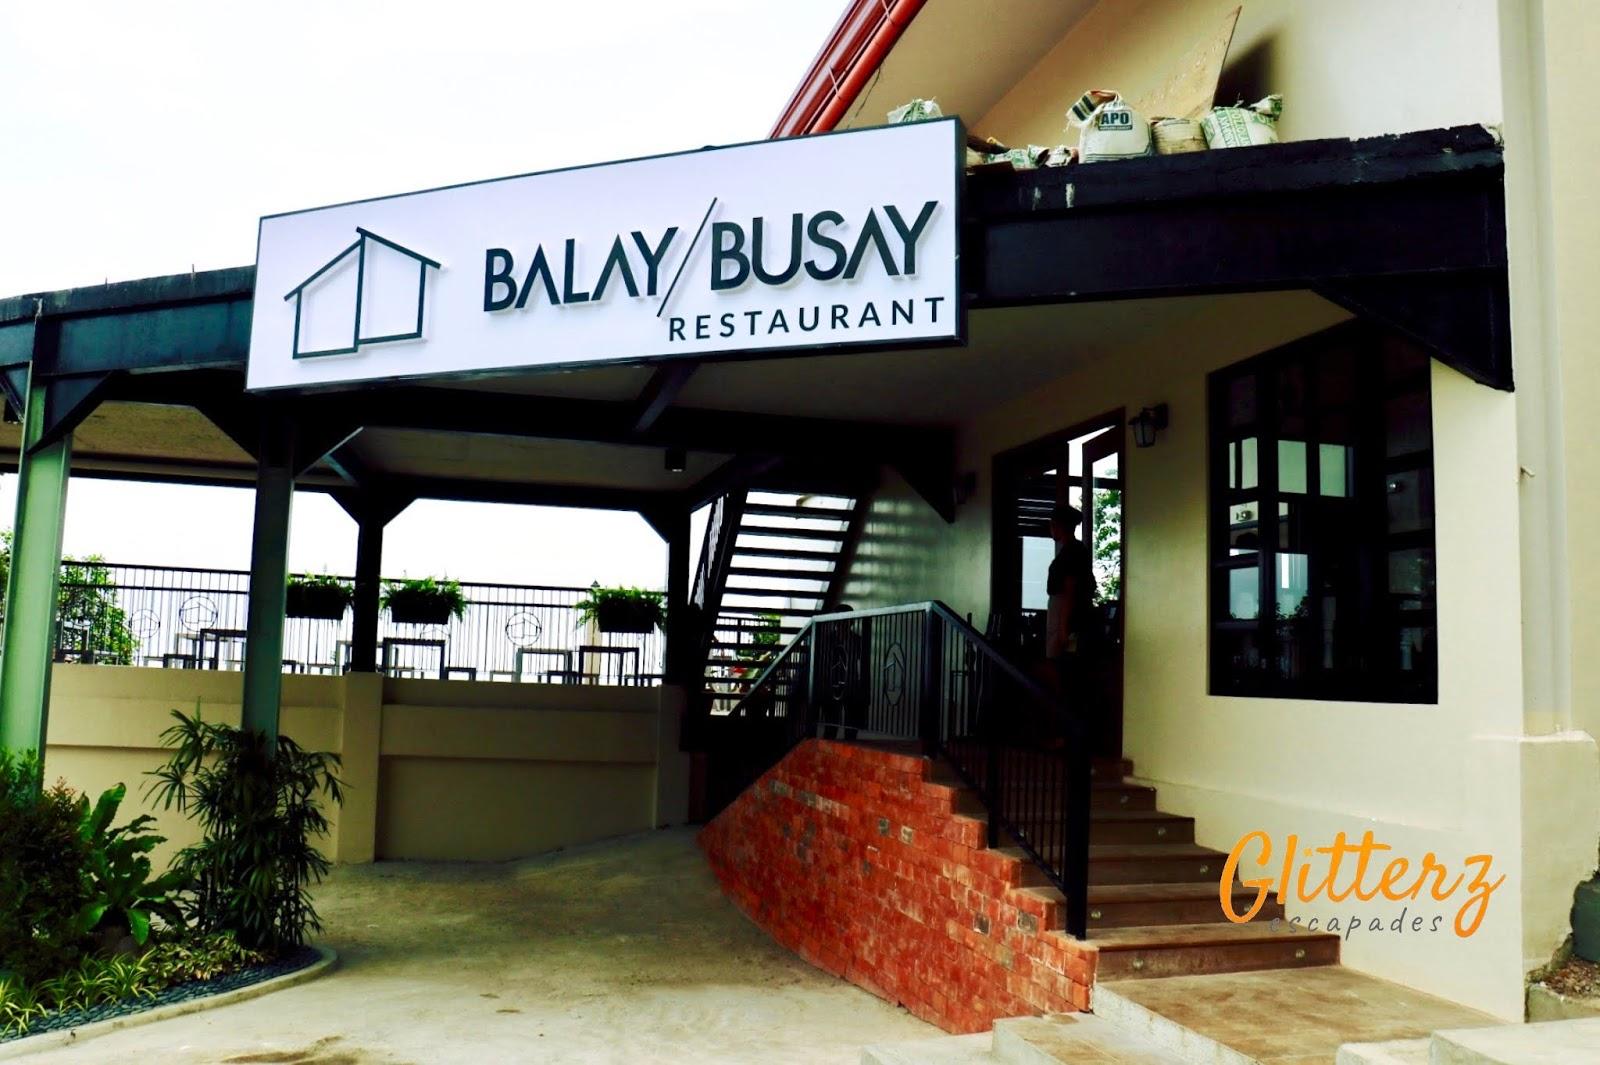 Balay Sa Busay Glitterz Escapades